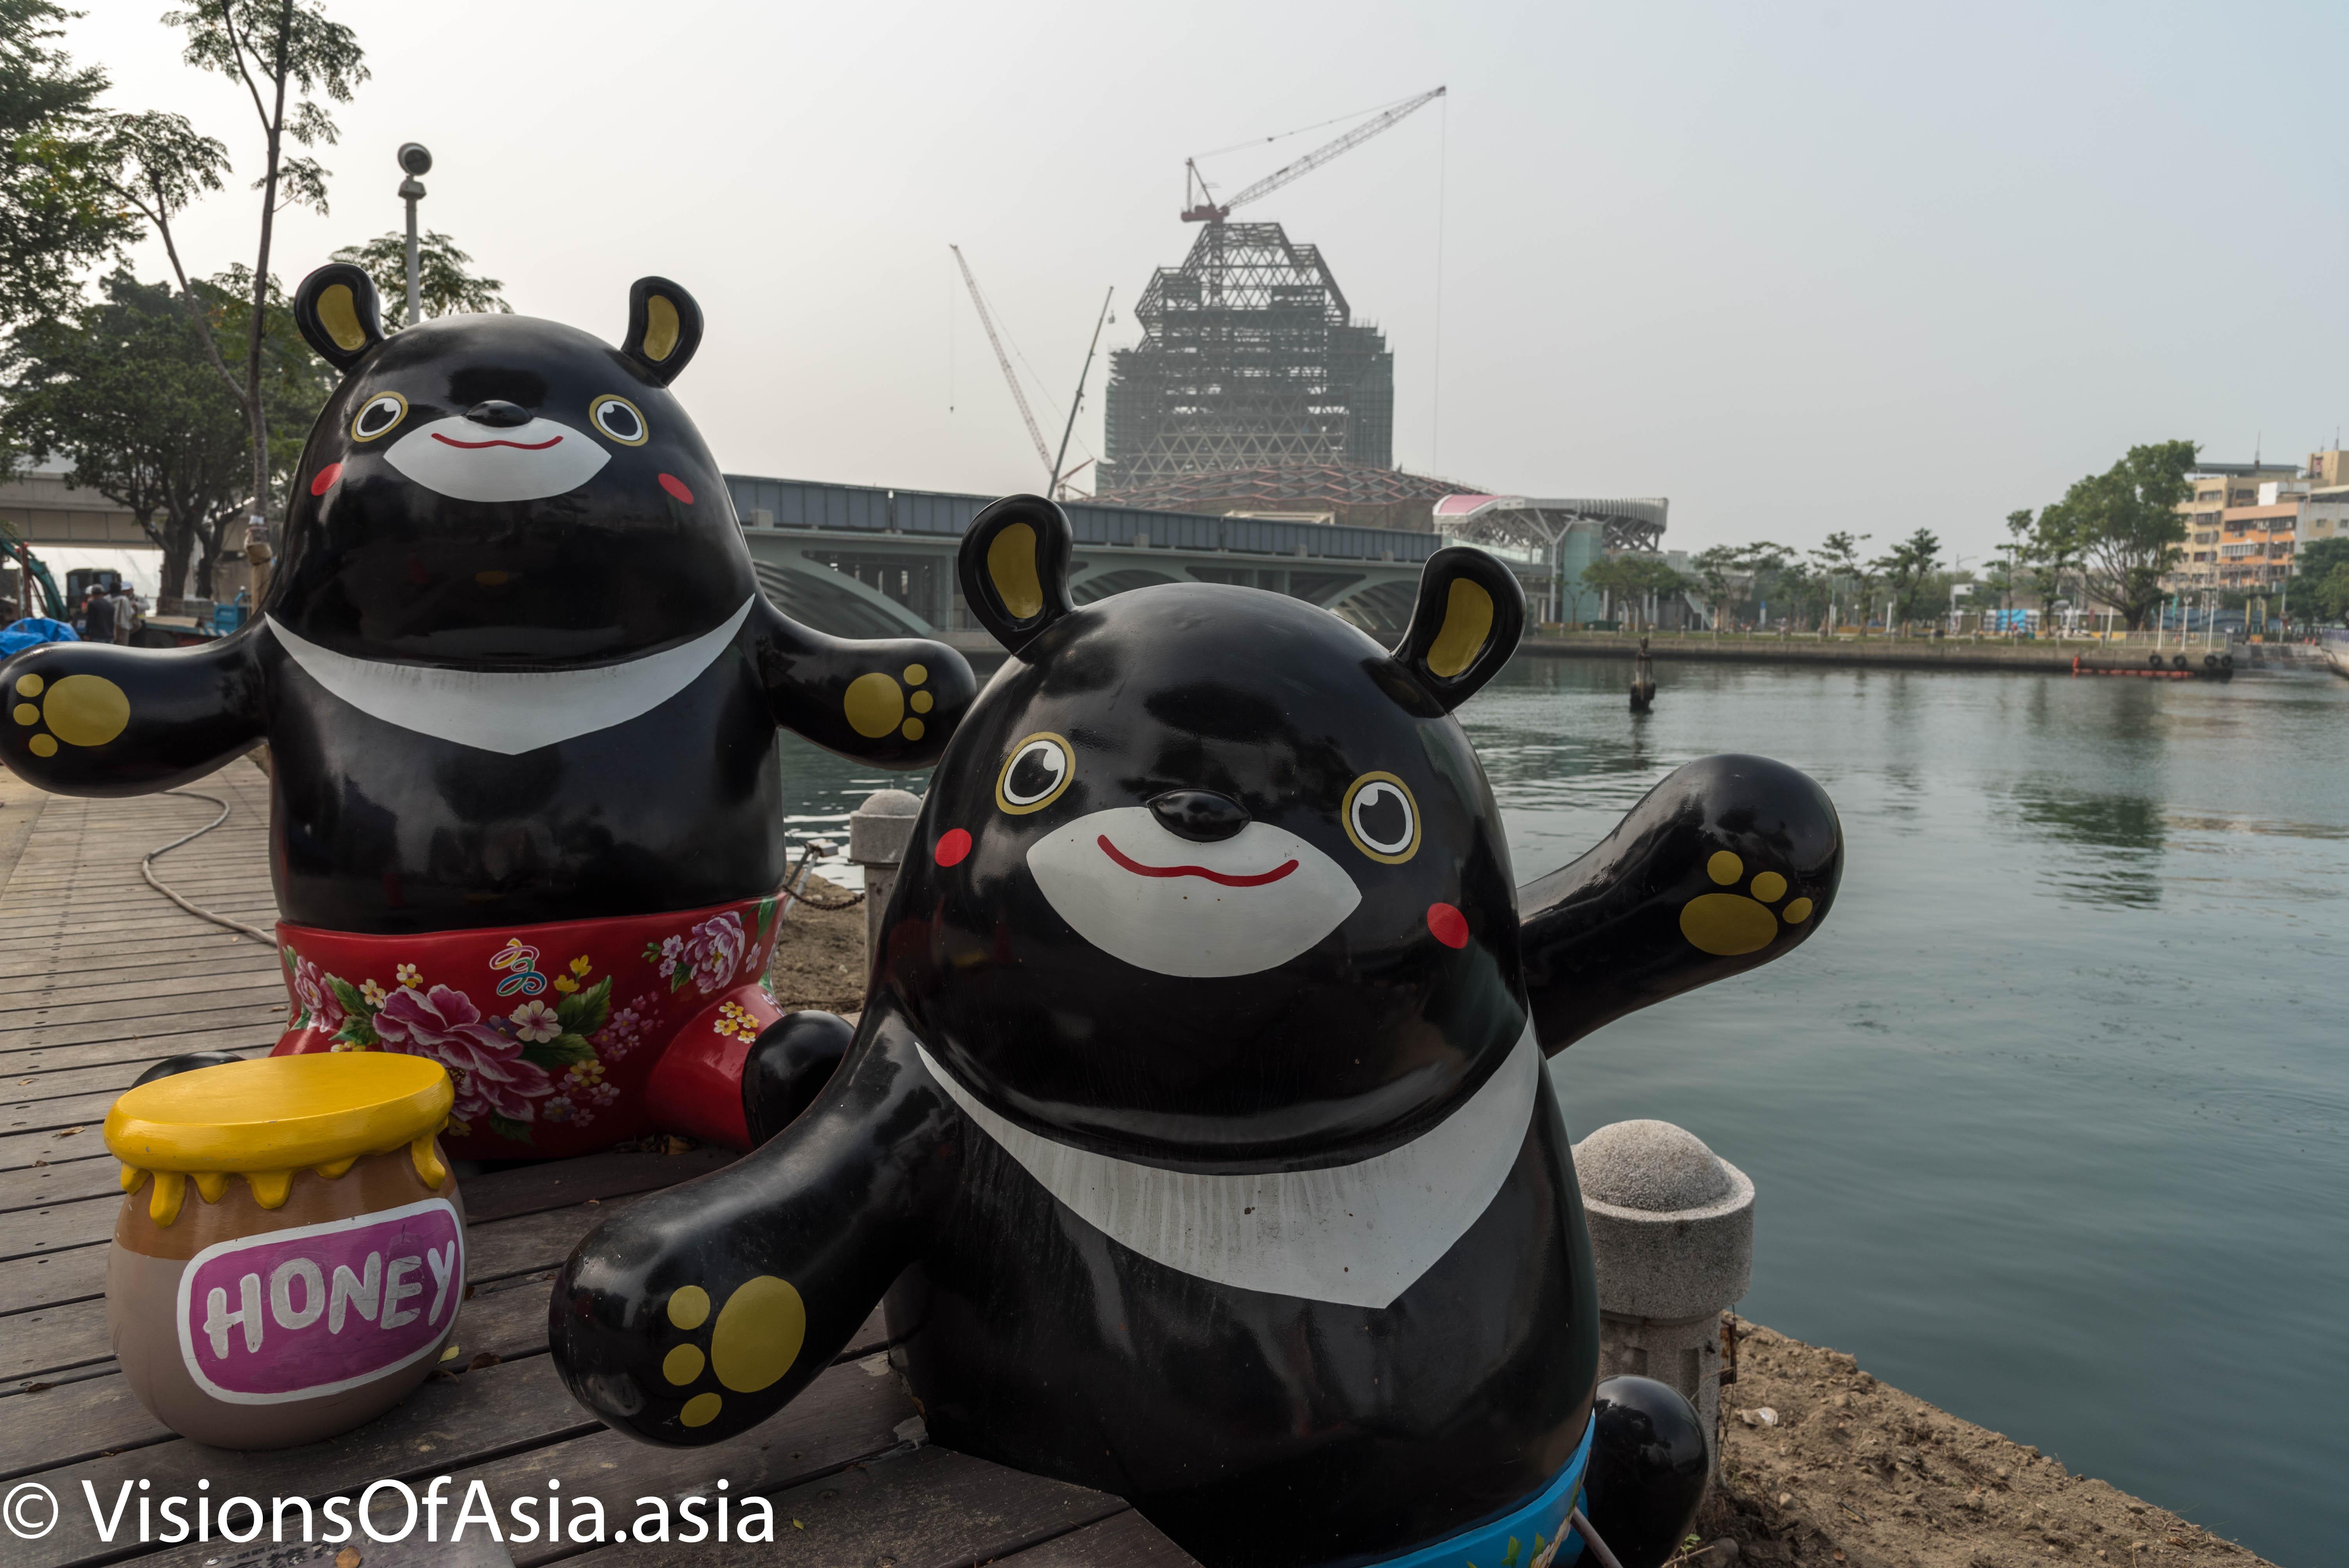 Hero, the mascot of Kaohsiung